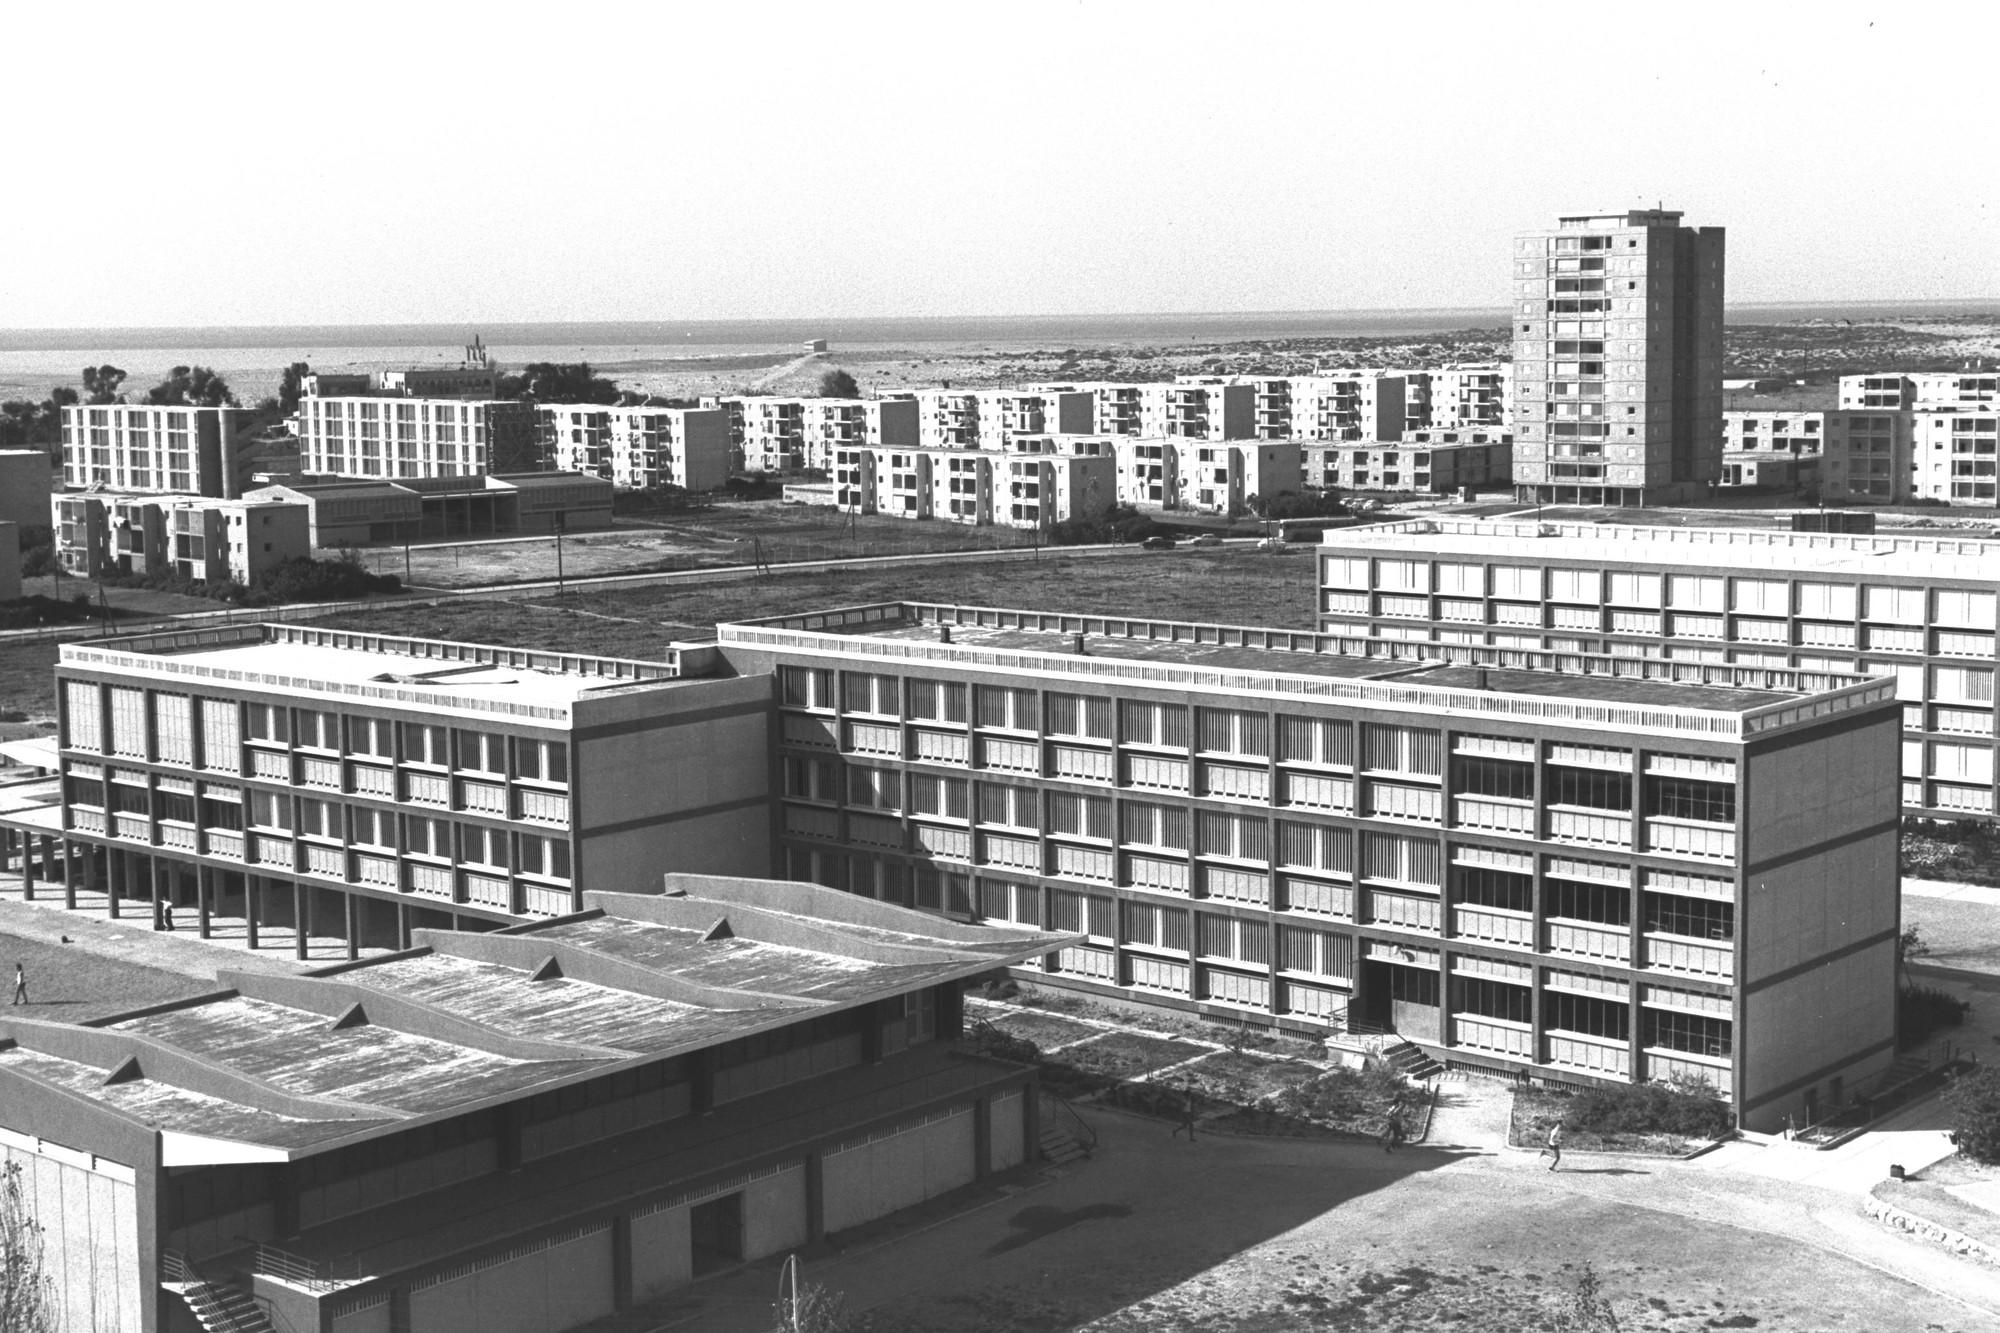 Image by Moshe Fridman / GPO. ImageTel Aviv 1963